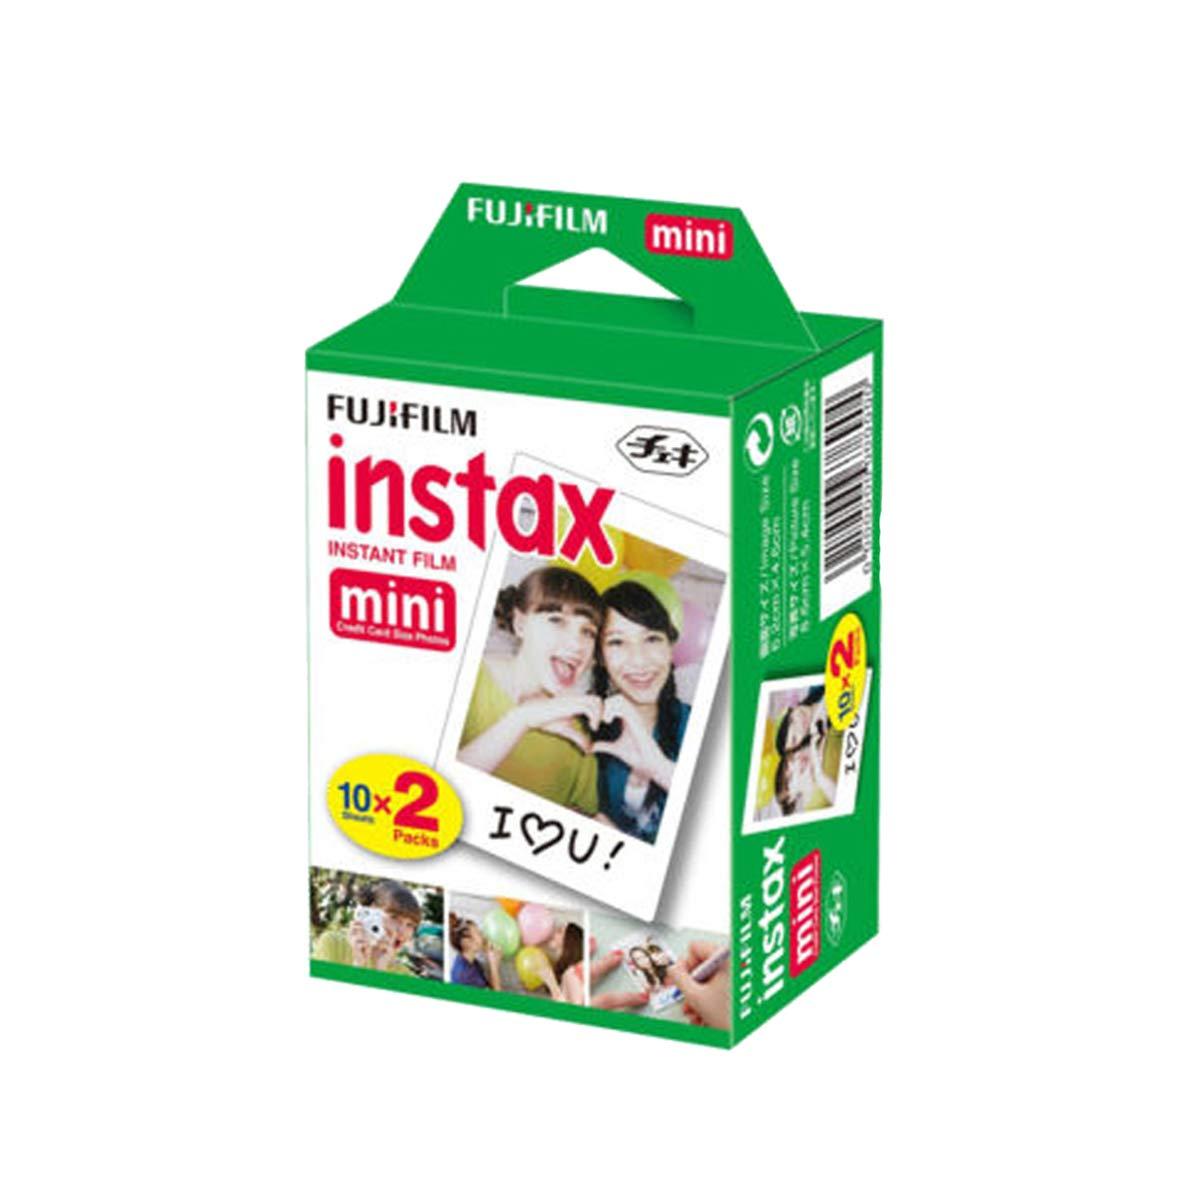 Fujifilm INSTAX Mini Instant Film 2 Pack = 20 Sheets (White) for Fujifilm Mini 8 & Mini 9 Cameras by Fujifilm